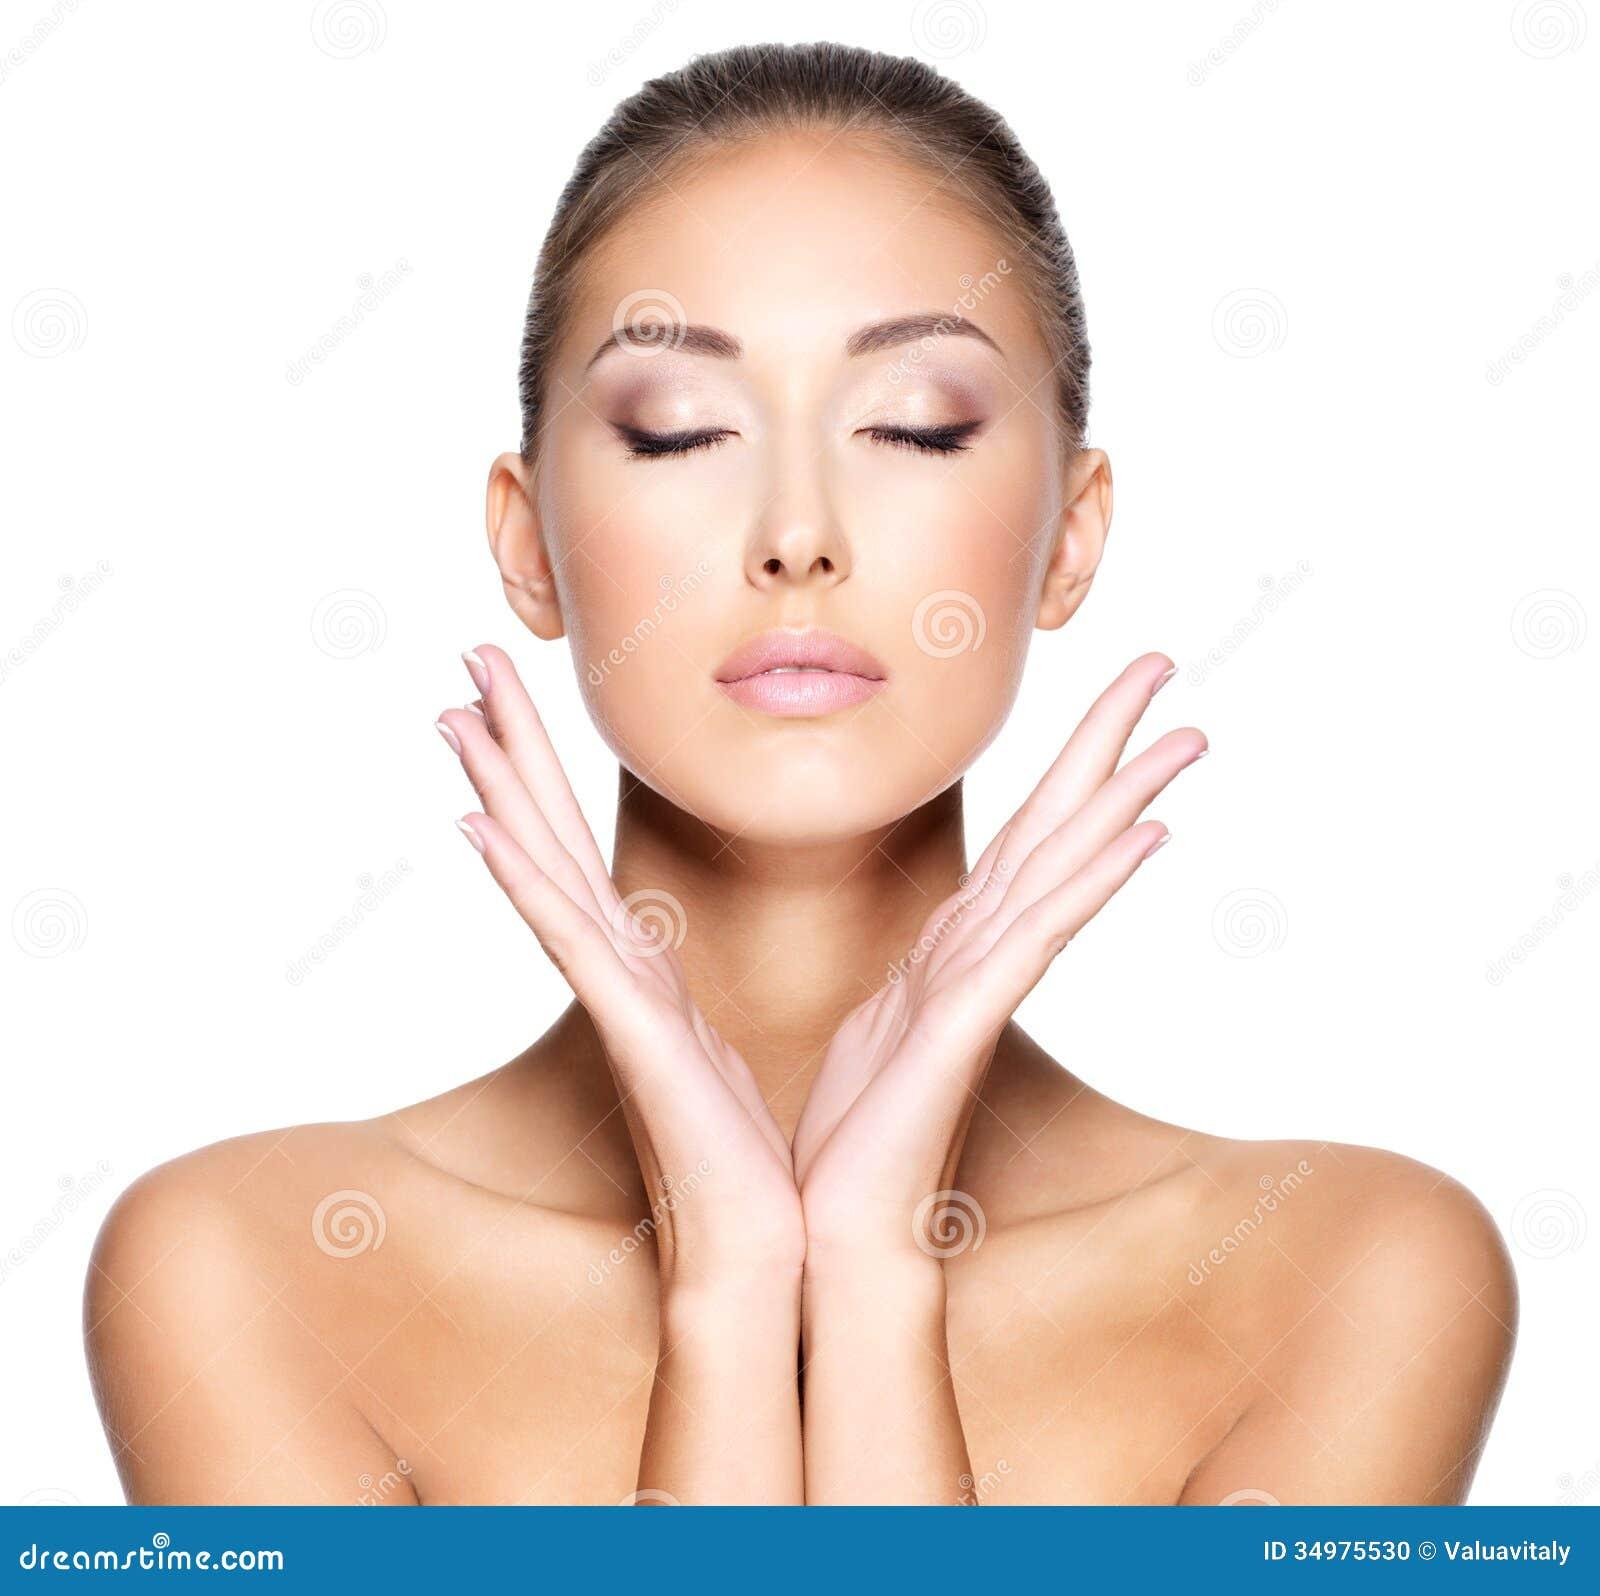 visage d 39 une belle jeune femme avec la peau saine photo stock image 34975530. Black Bedroom Furniture Sets. Home Design Ideas